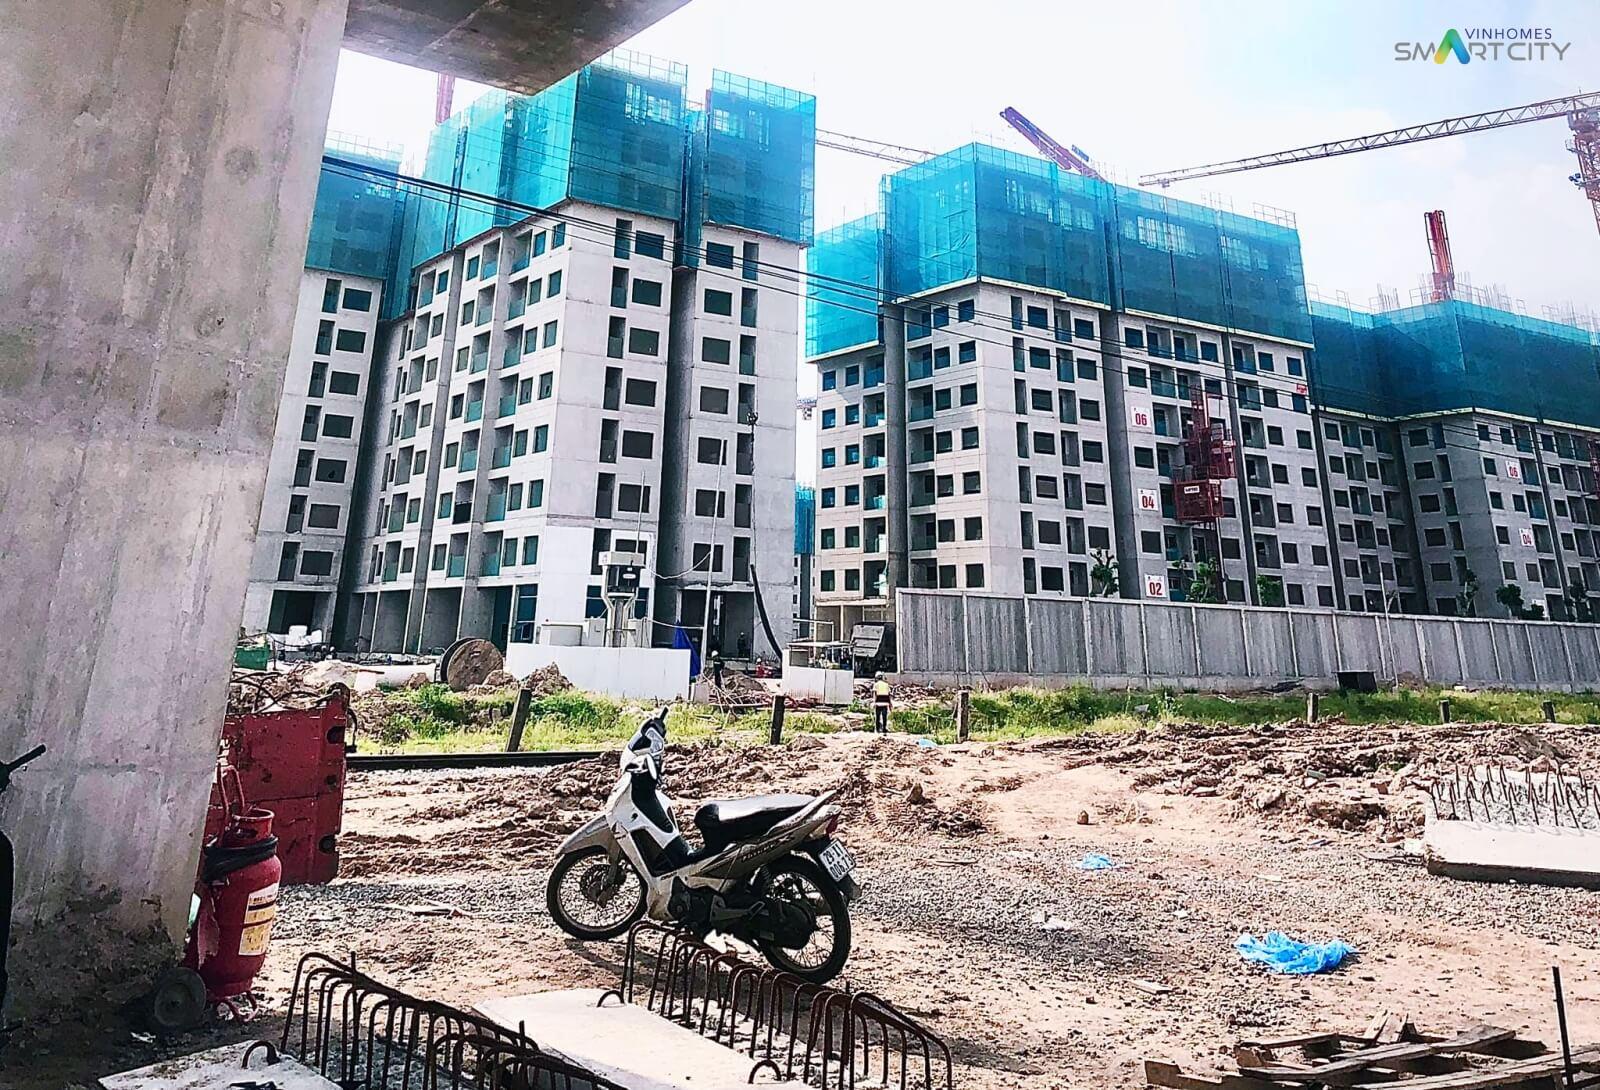 Tiến độ xây dựng toà căn hộ chung cư Vinhomes Smart City